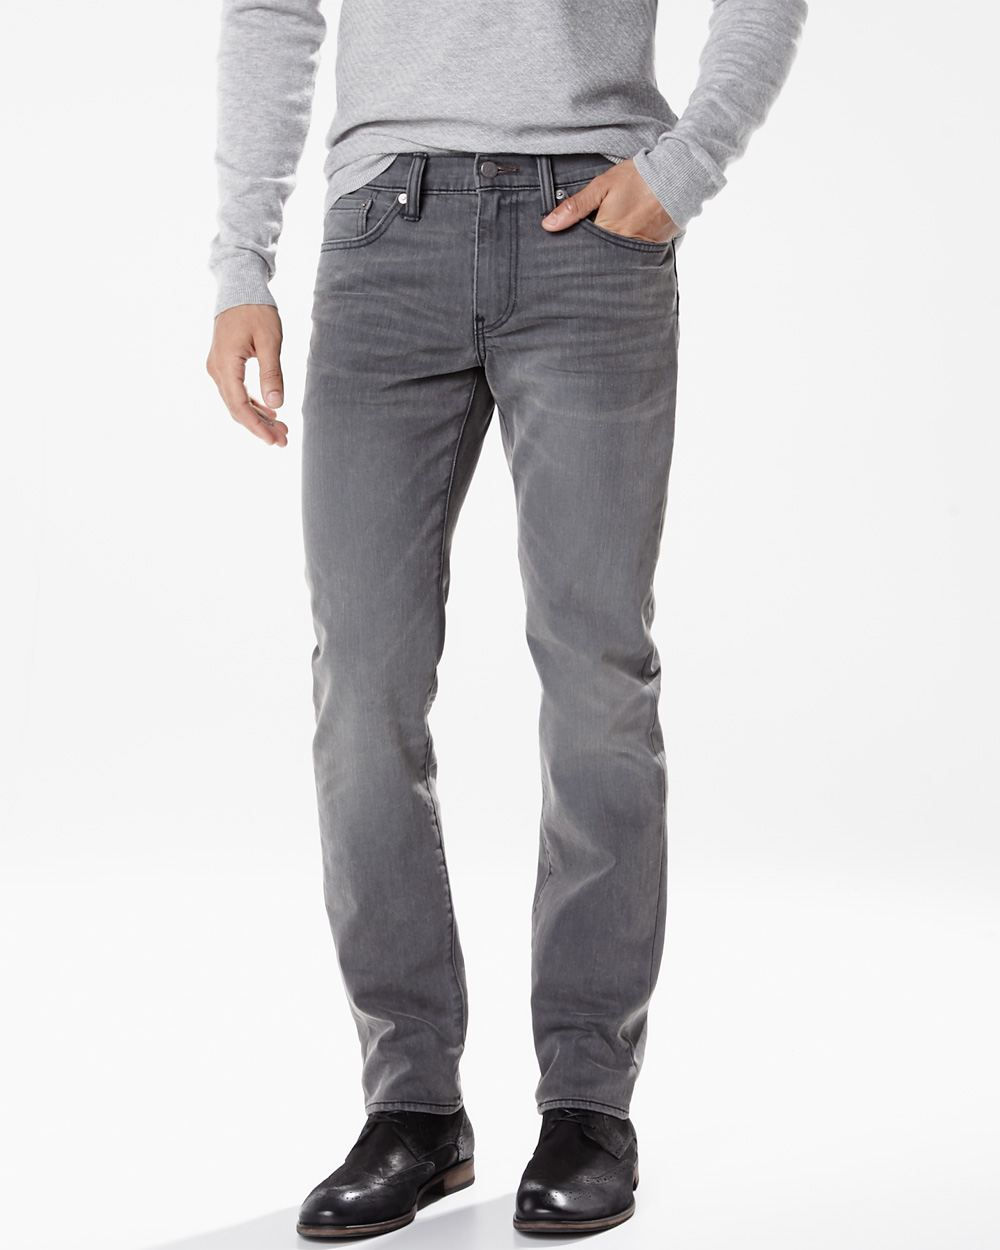 jeans levi s slim 511 gris super jeans in dieser saison. Black Bedroom Furniture Sets. Home Design Ideas